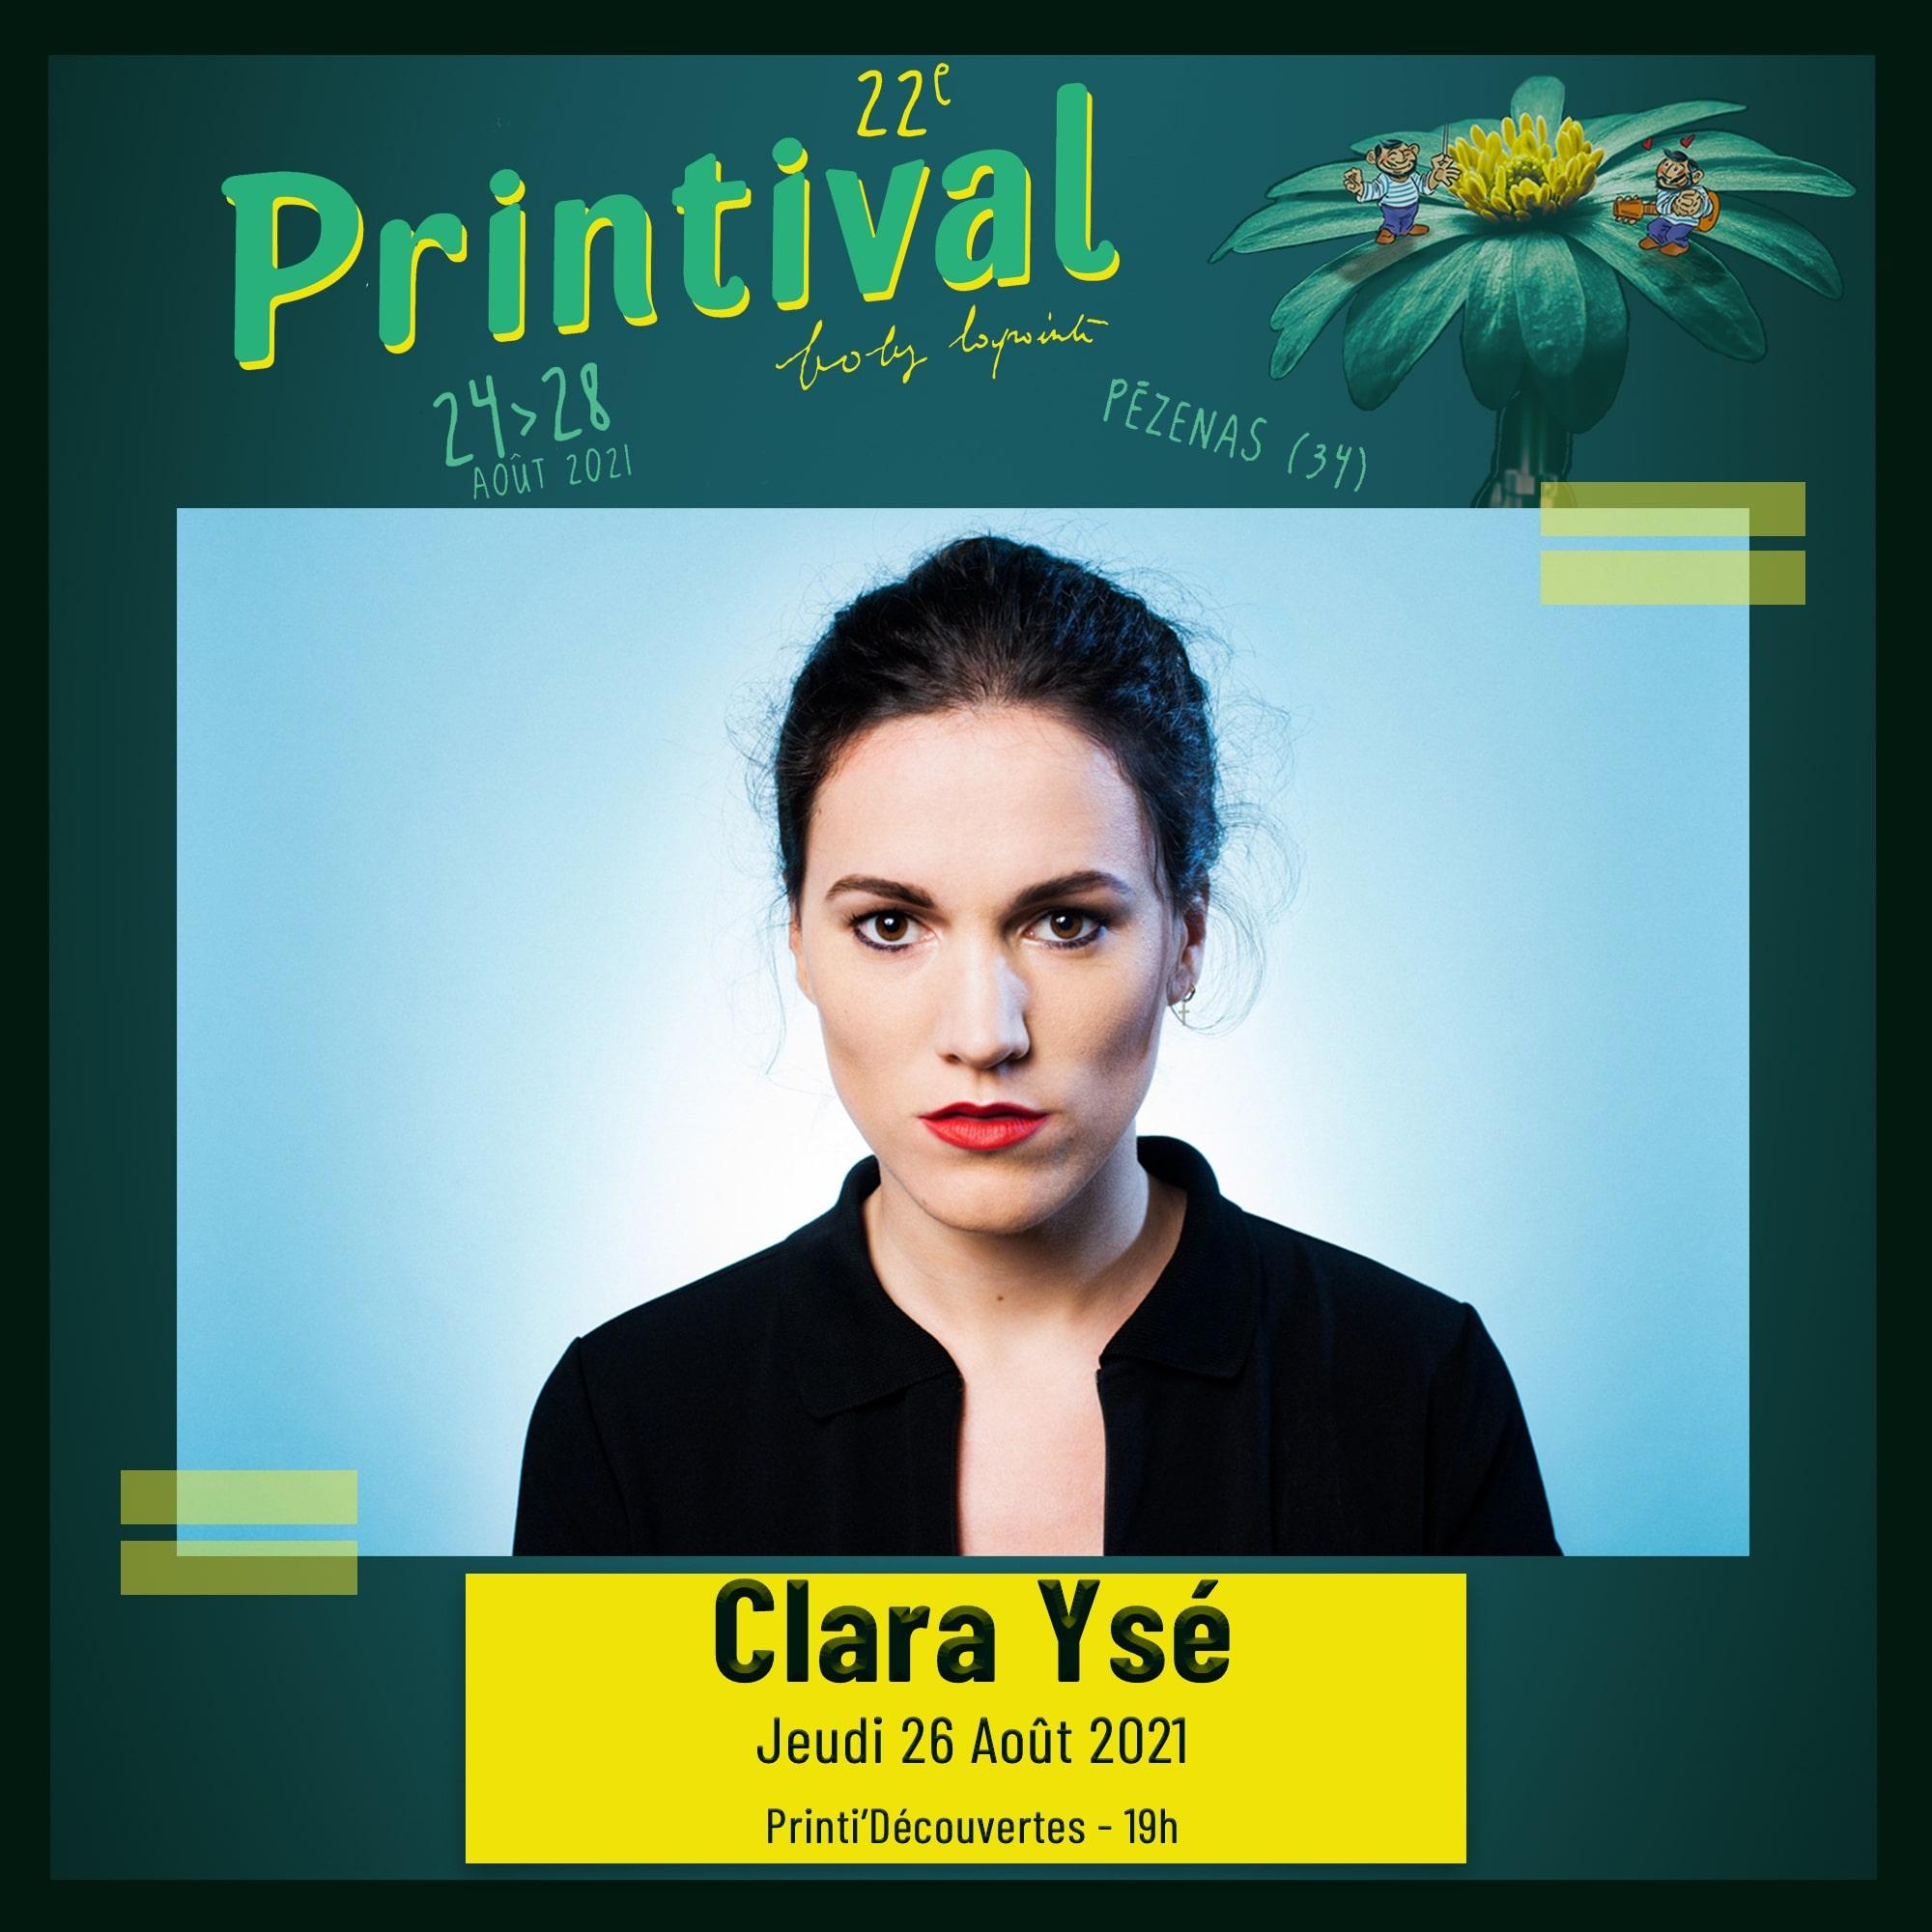 5 Clara Yse